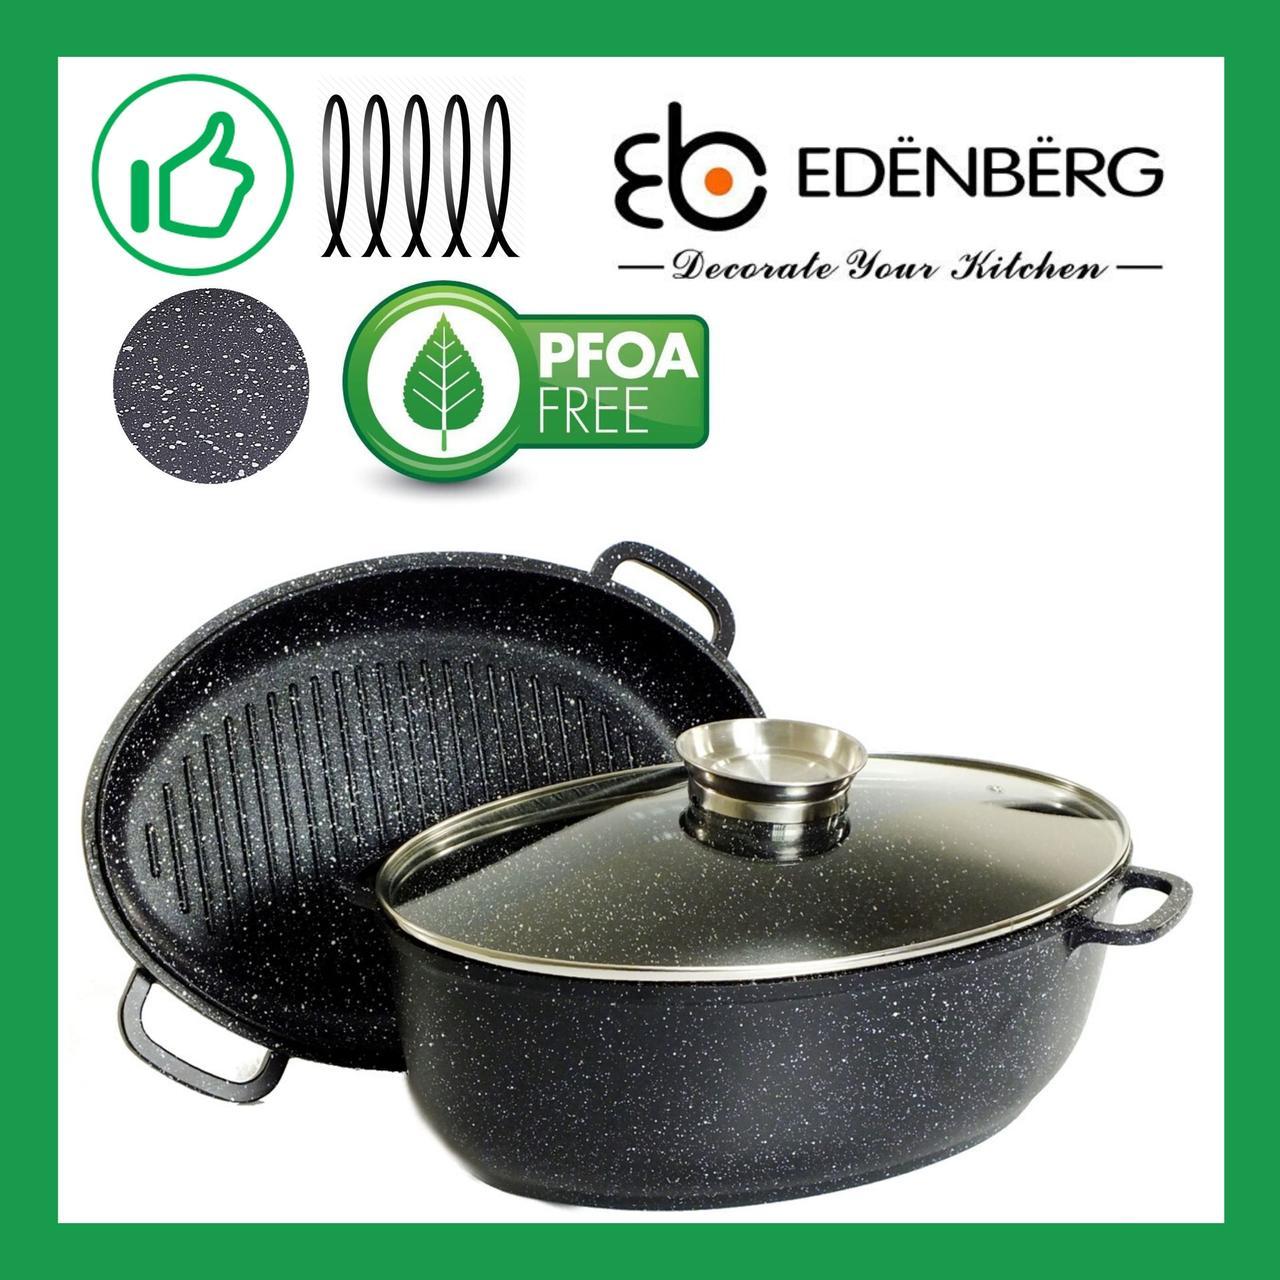 Гусятница из литого алюминия с мраморным покрытием и жаровней Edenberg 8л (EB-9171)